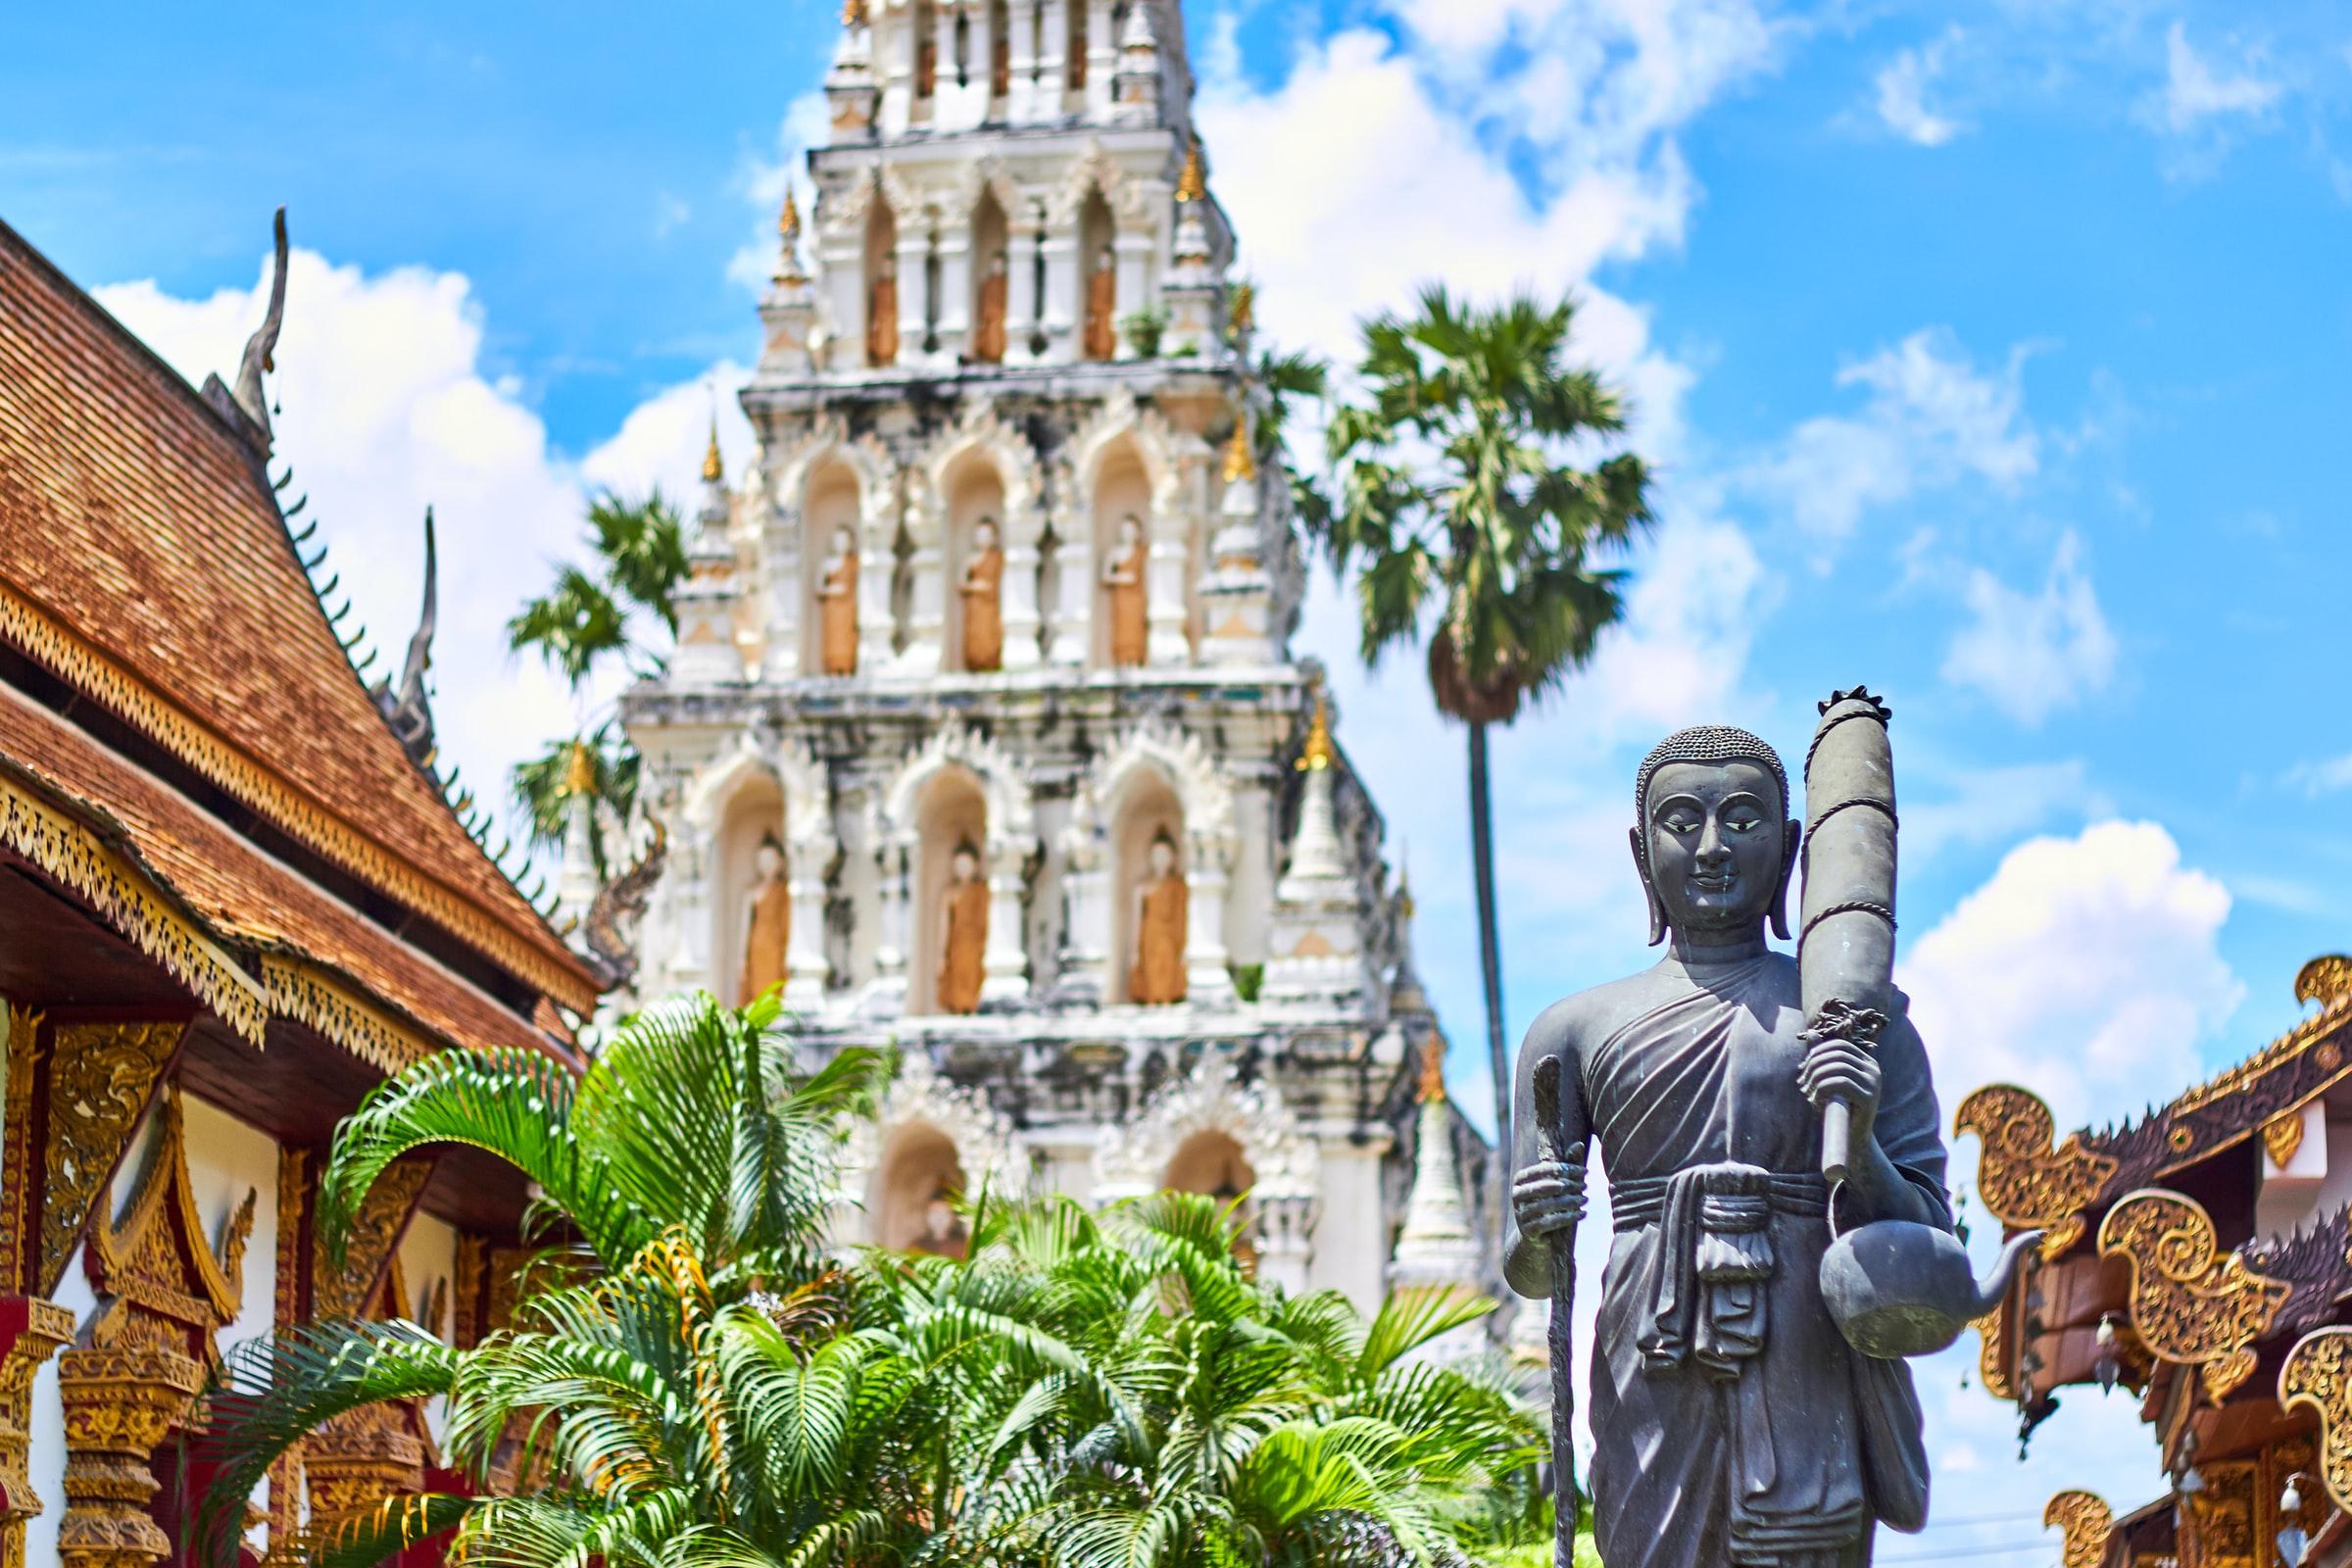 Thailand Regensaison Gebäude und Skulptur